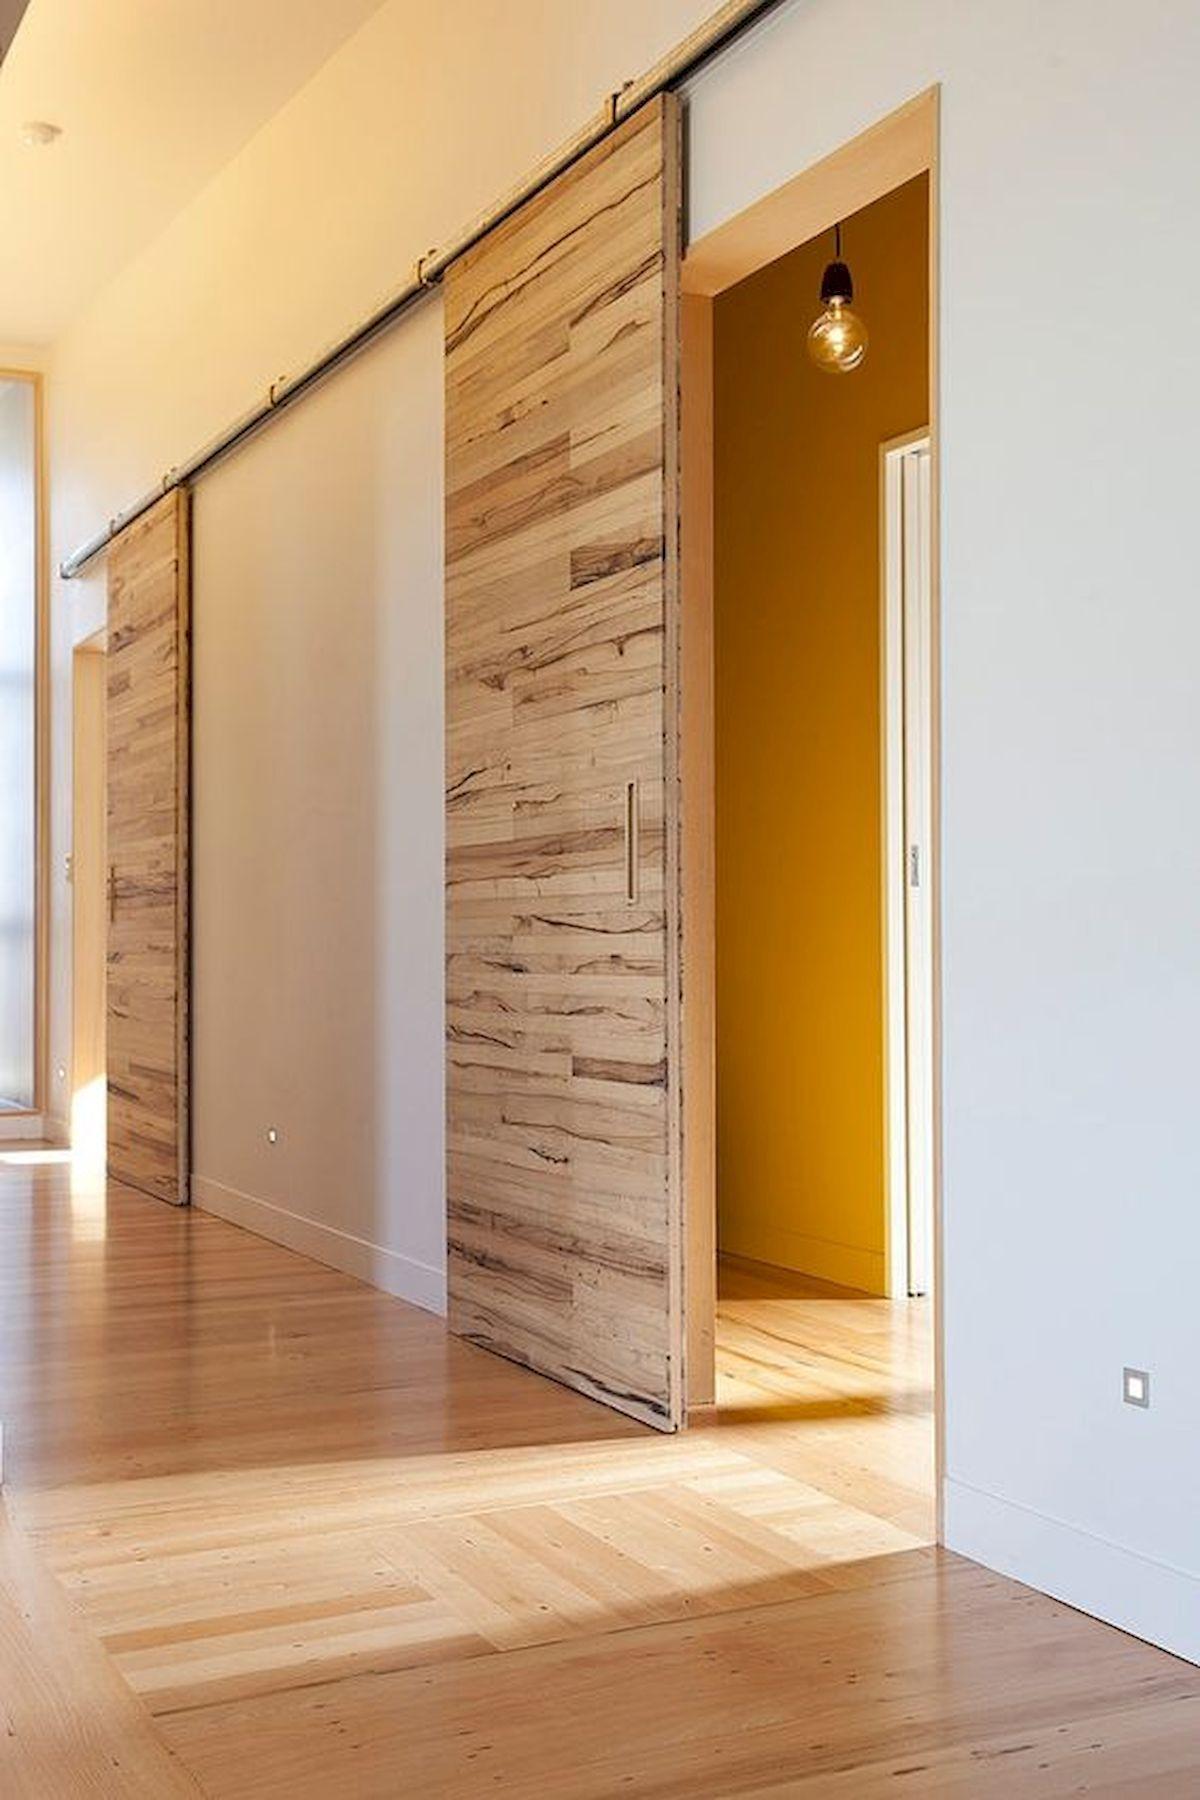 Pin By Jayne Nelson On Art Sliding Doors Interior Sliding Door Design Doors Interior